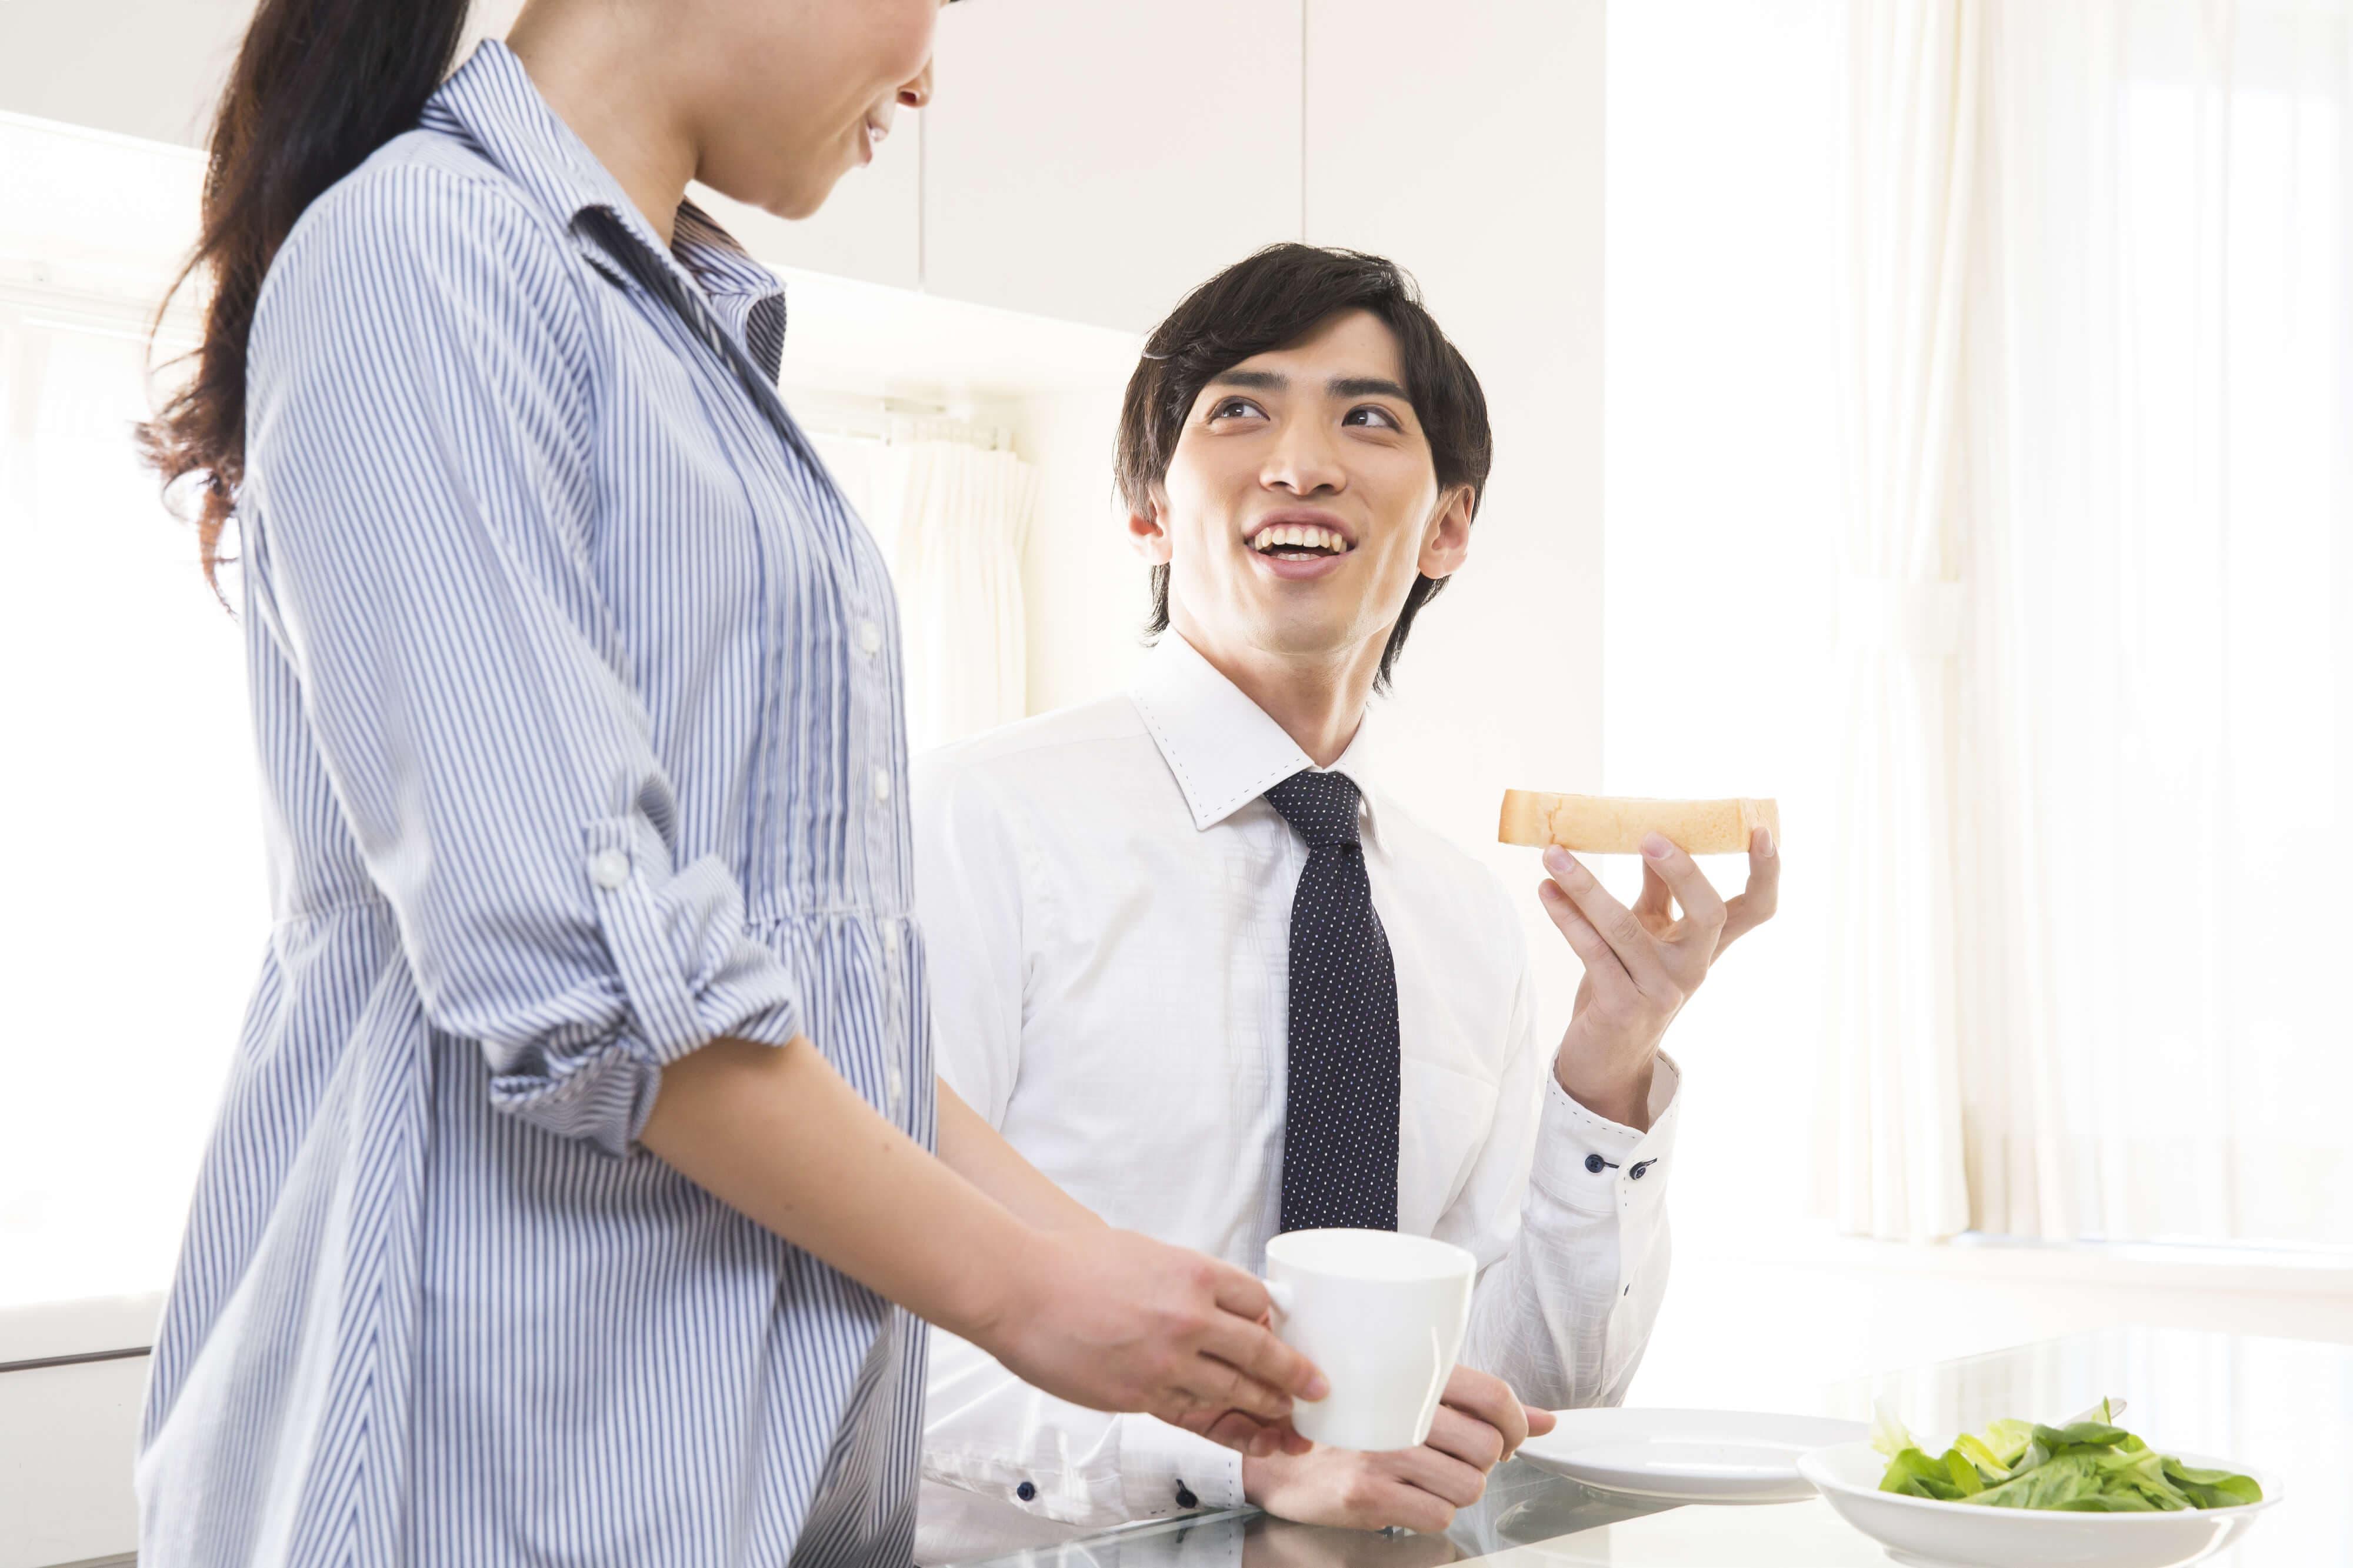 妊活中の男性が食事にとり入れたい四つの栄養素とは?